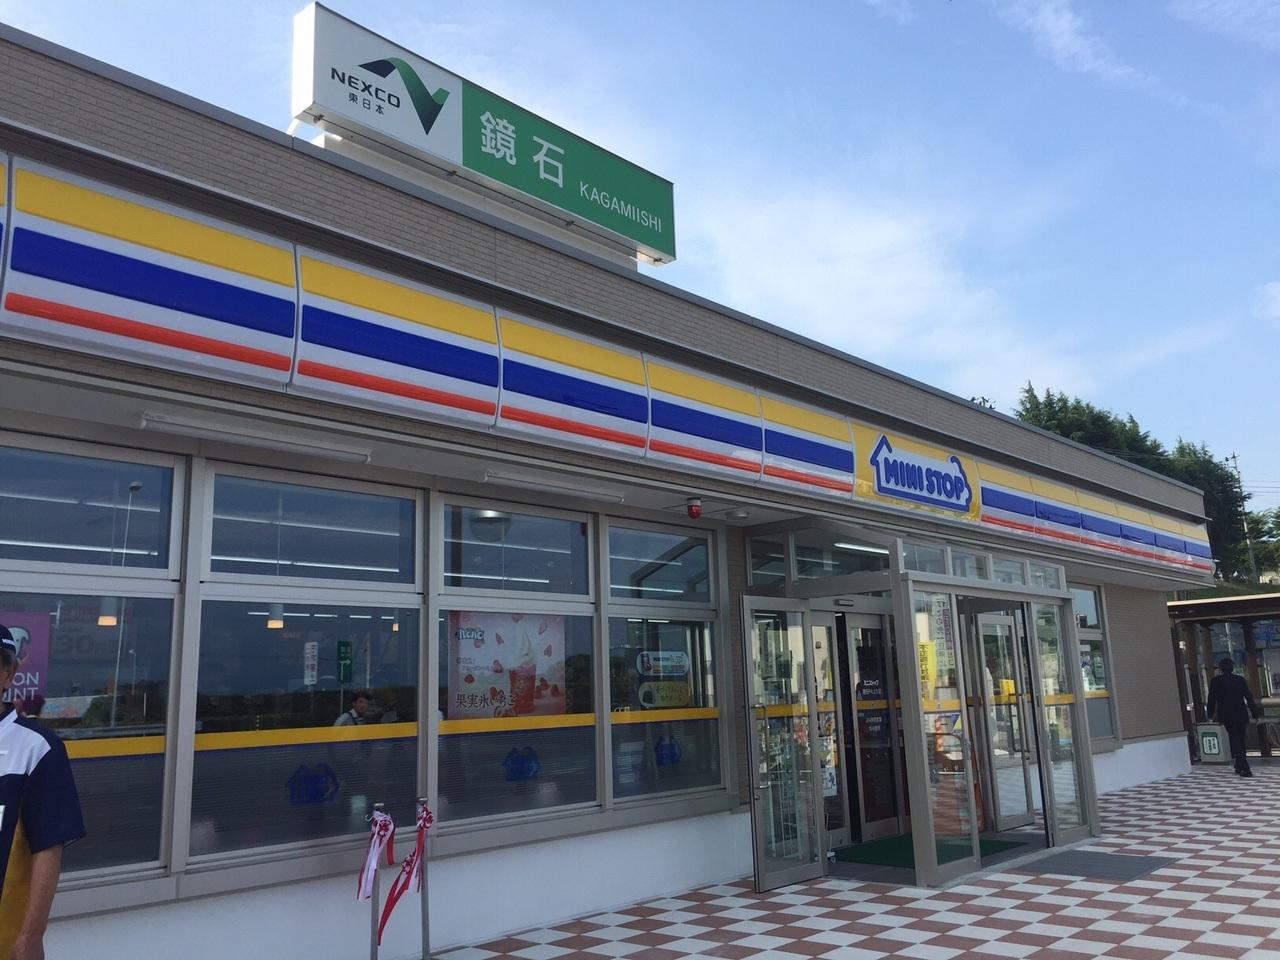 東北自動車道 鏡石PA(上り線)「ミニストップ鏡石PA上り店」開店のお知らせ